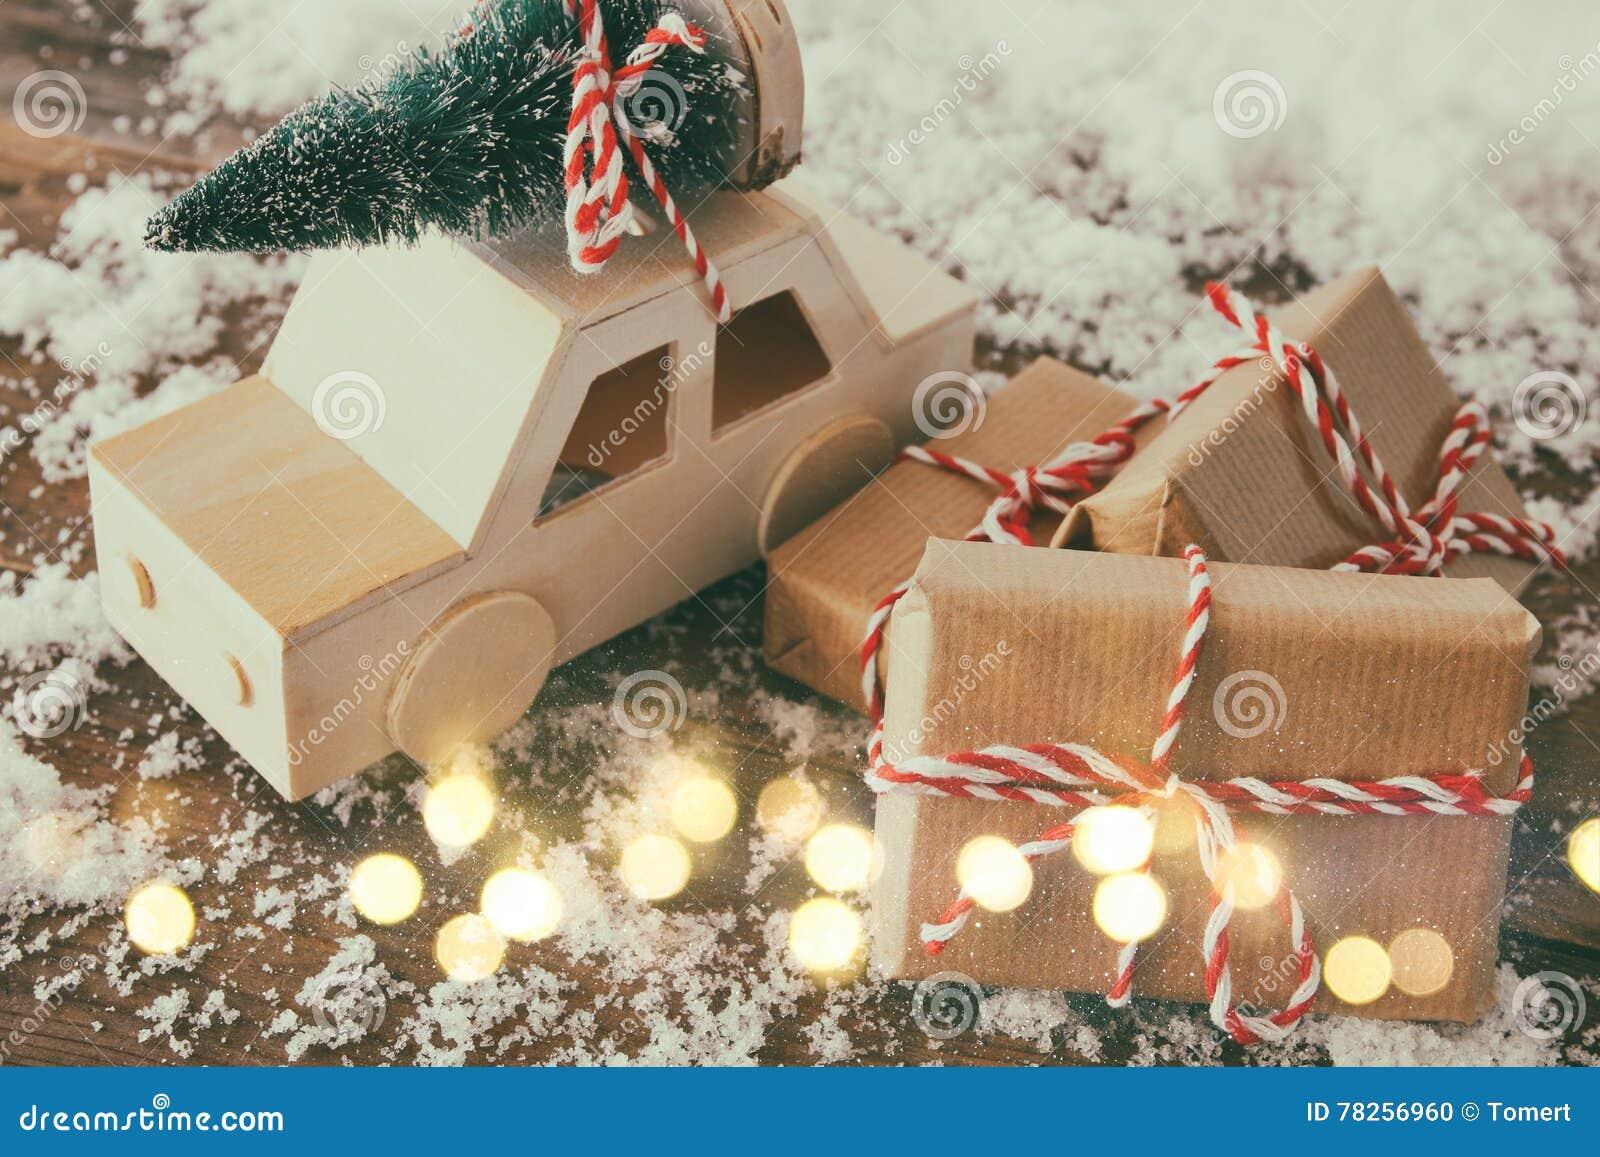 Ξύλινο αυτοκίνητο που φέρνει ένα δέντρο πεύκων δίπλα στα δώρα Χριστουγέννων